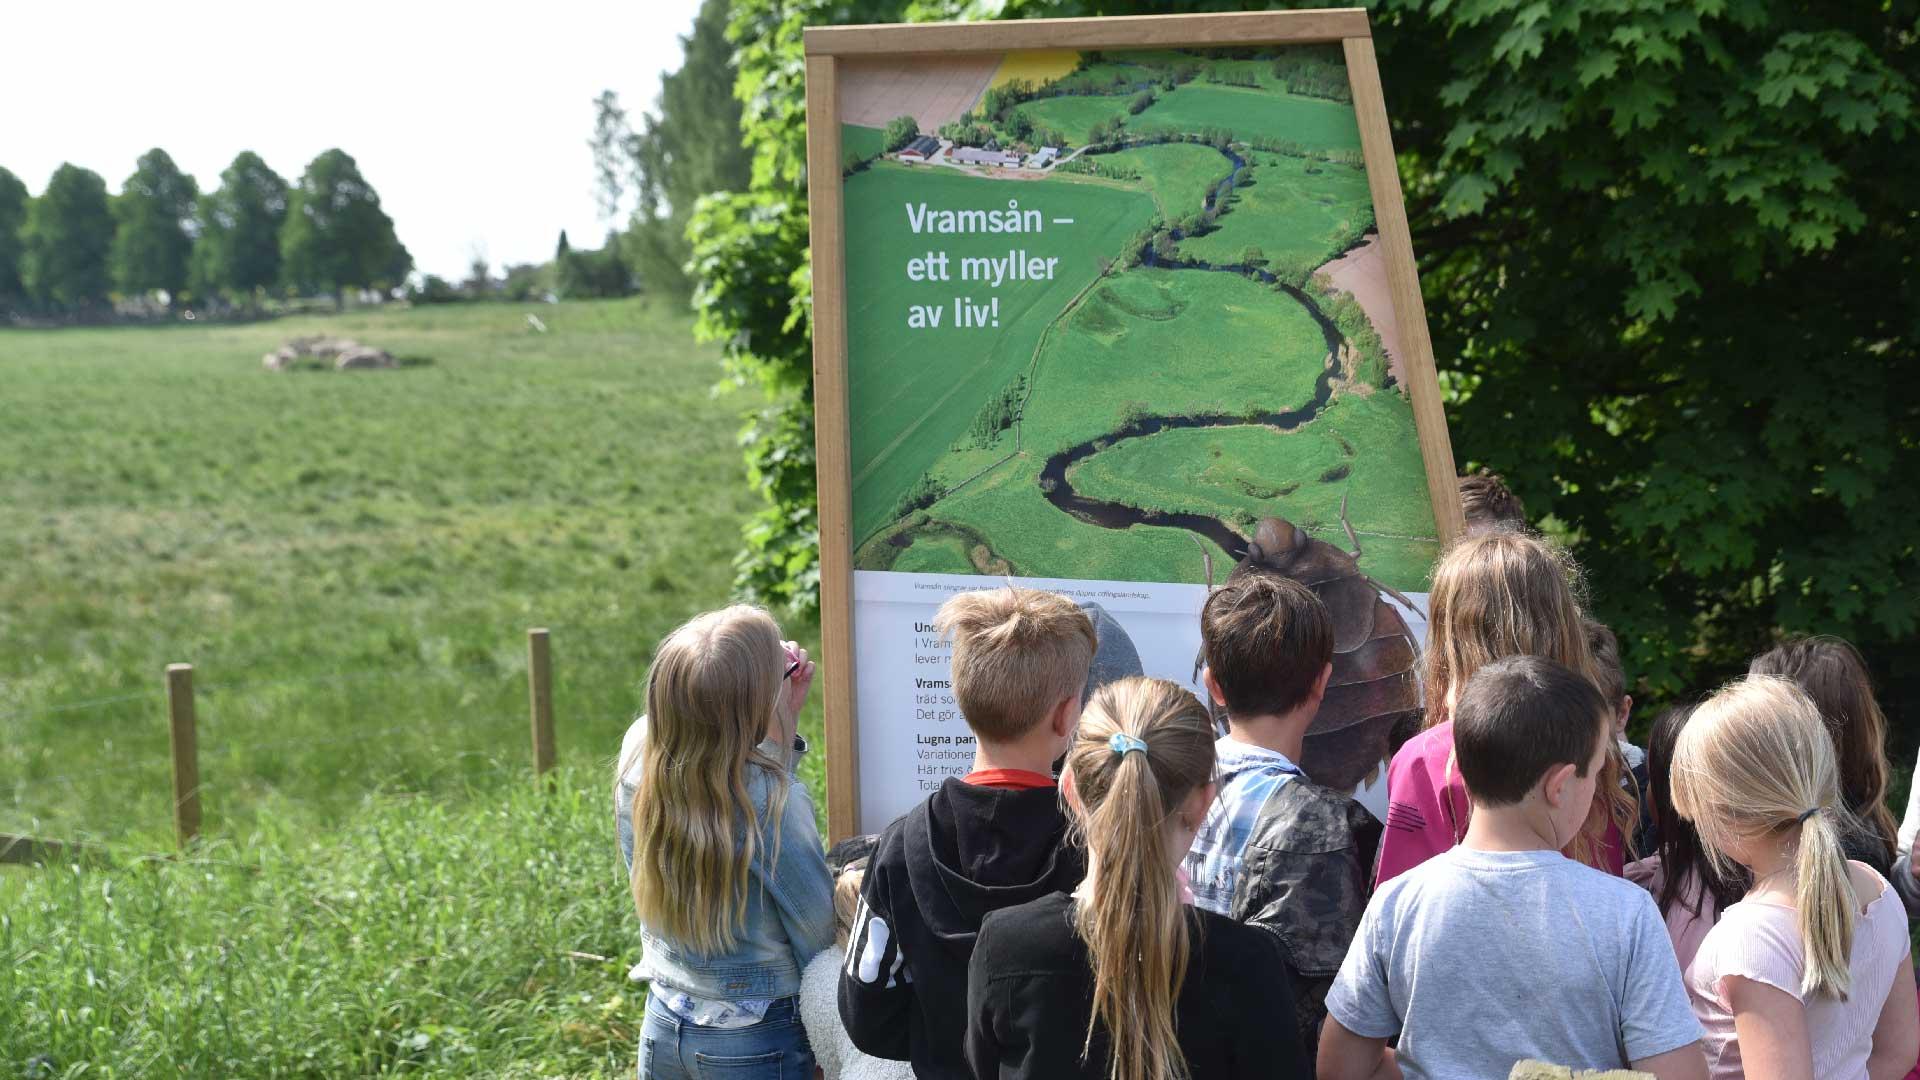 segelskärmen vid Vramsån berättar om åns natur och kulturvärden. Foto Mattias Roos, Kristianstads kommun